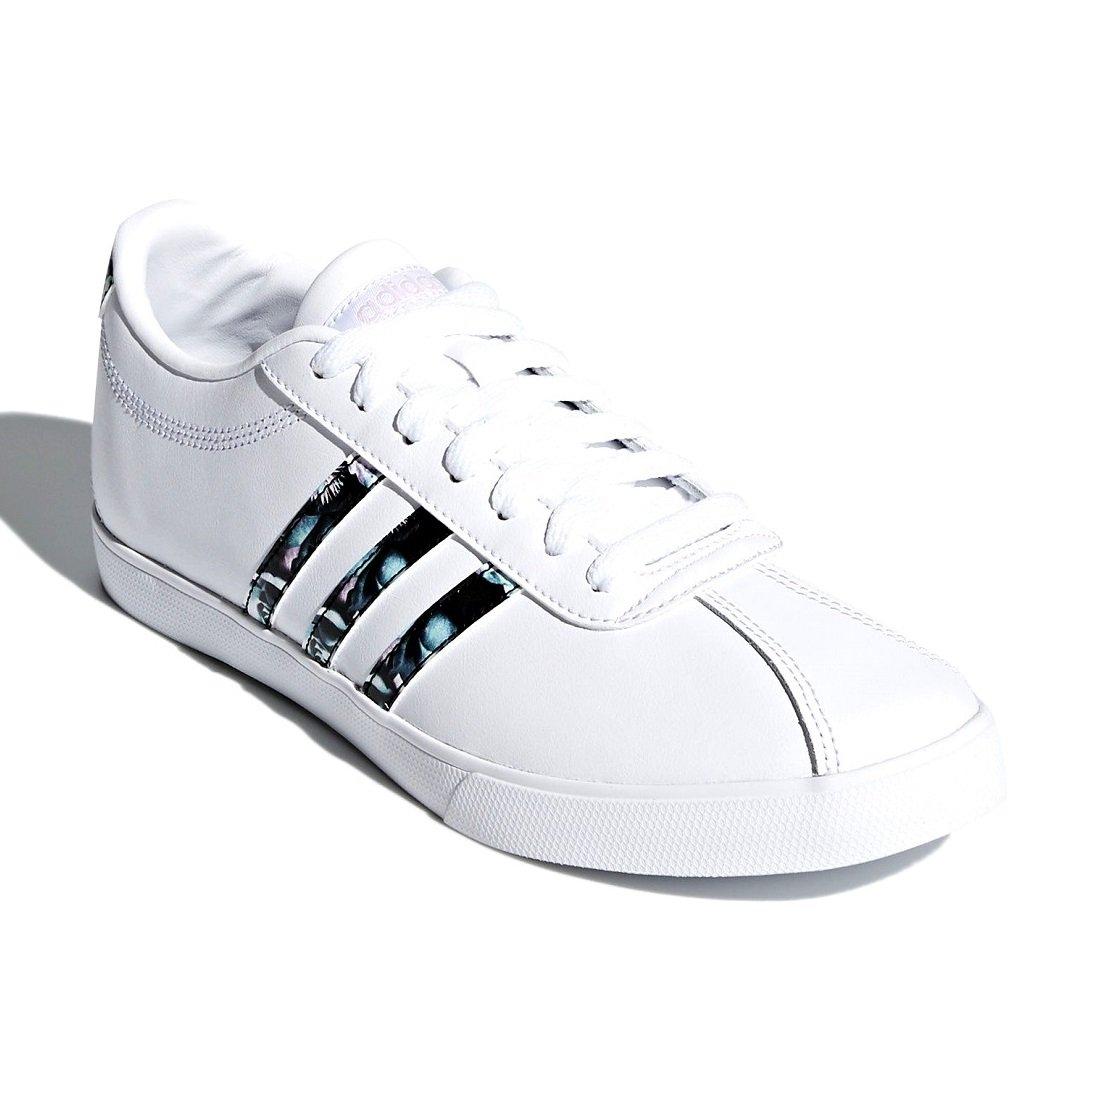 5671de19cfb Tênis Feminino Adidas Courtset W DB1373 - Branco - Botas Online ...